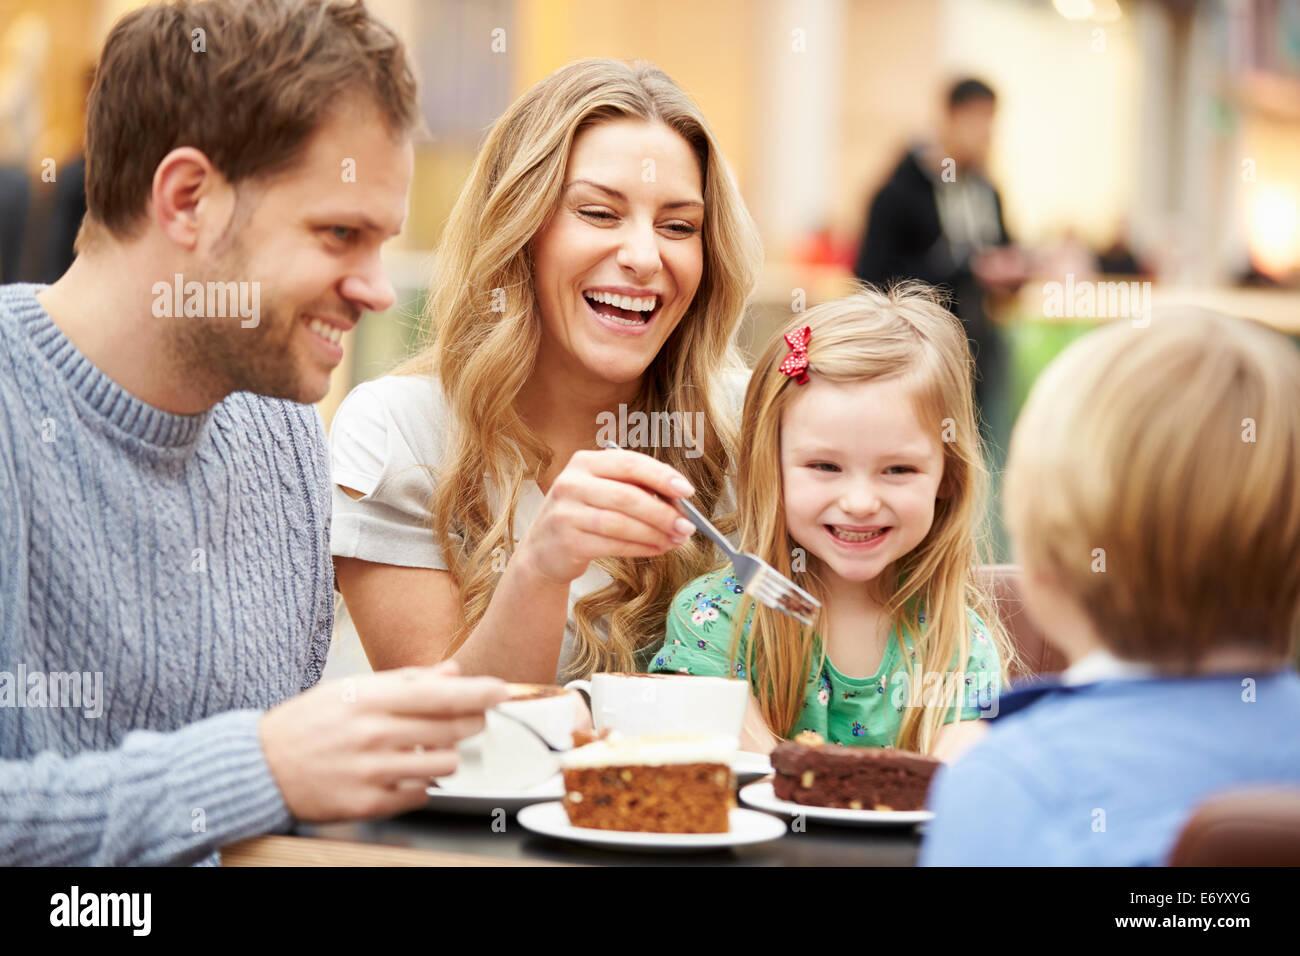 Familia disfrutar de aperitivos en el Café juntos Imagen De Stock